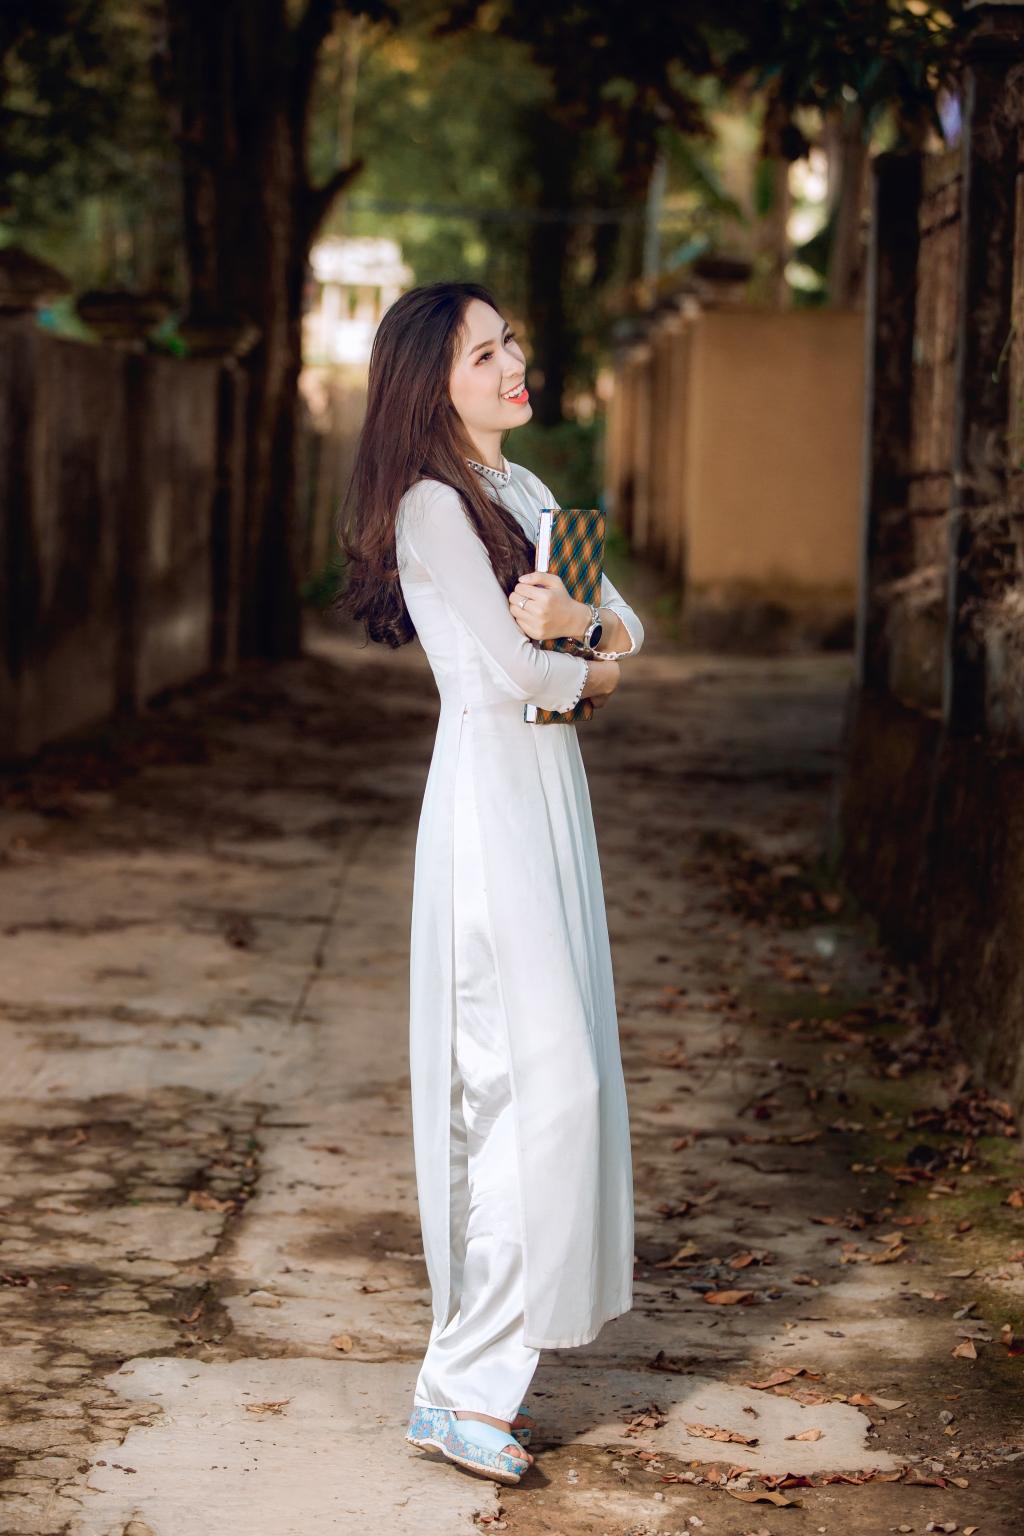 Hoài Thương cực xinh đẹp, trong sáng trong tà áo dài @BaoBua: Duyên